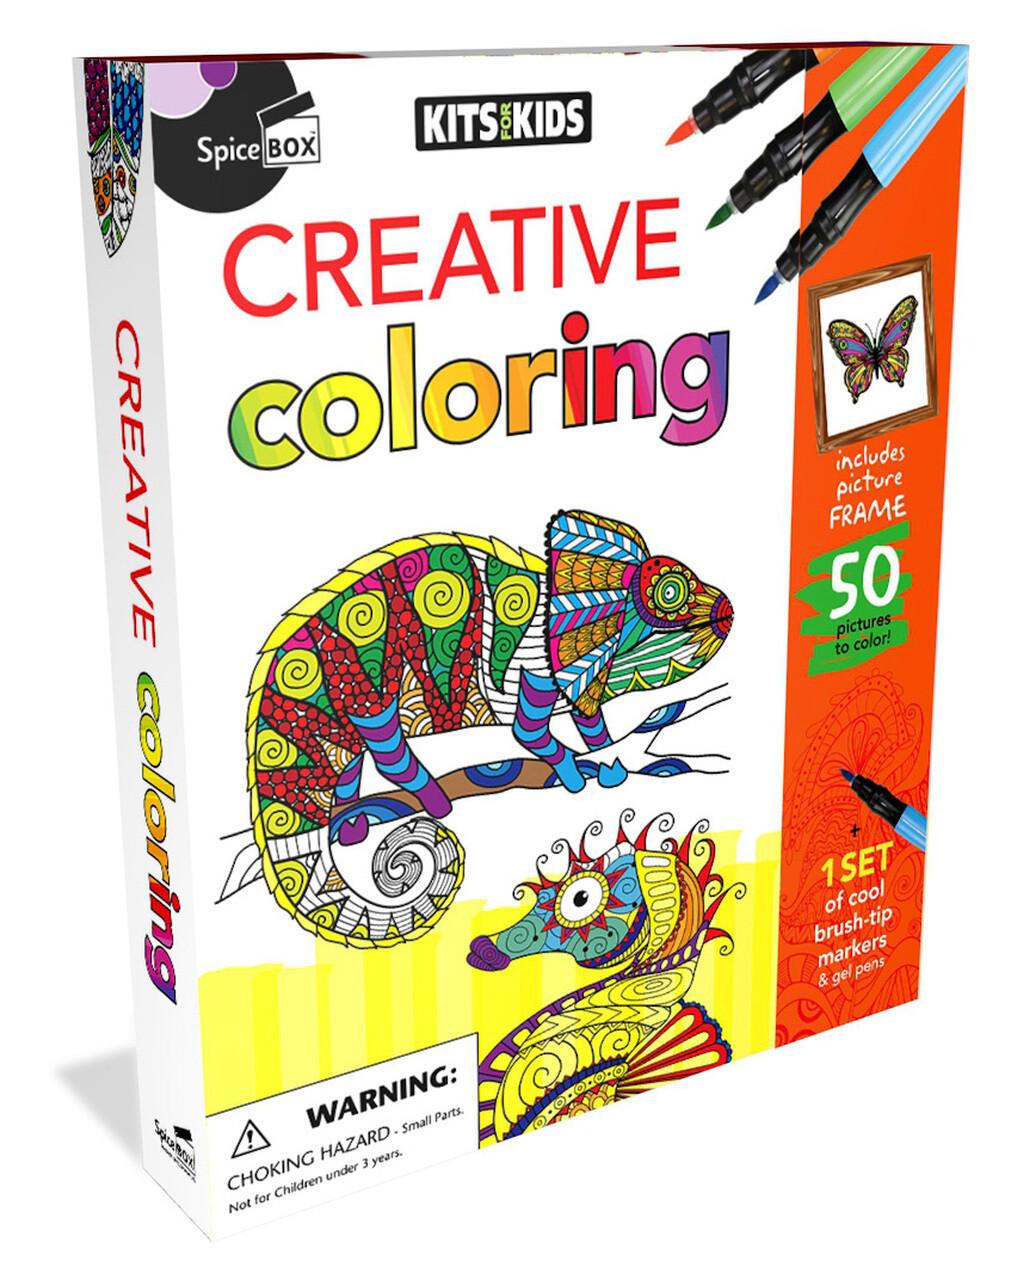 Spice Box; Creative Coloring